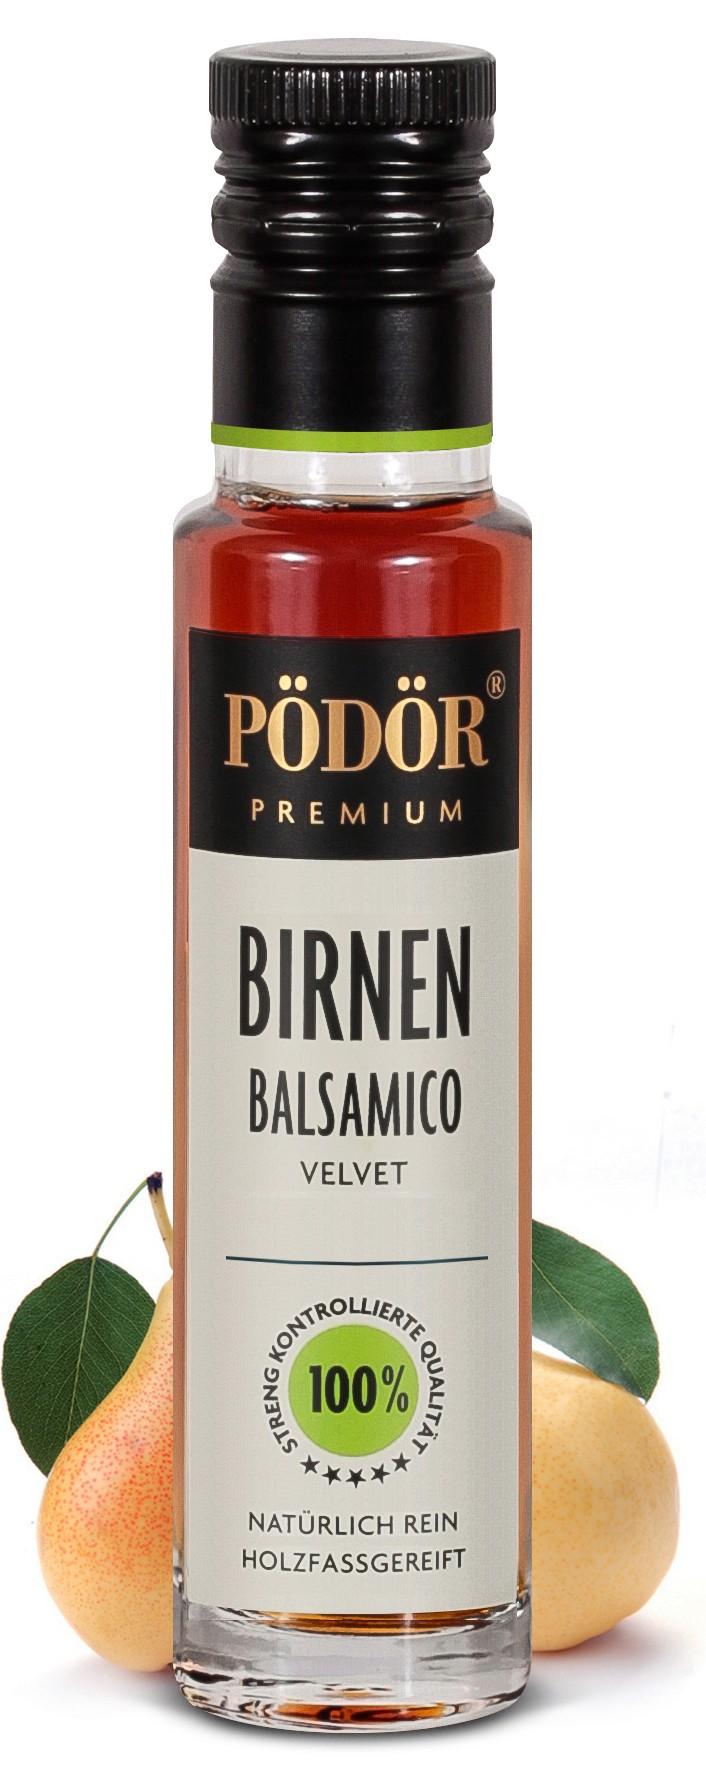 Birnenbalsamico Velvet